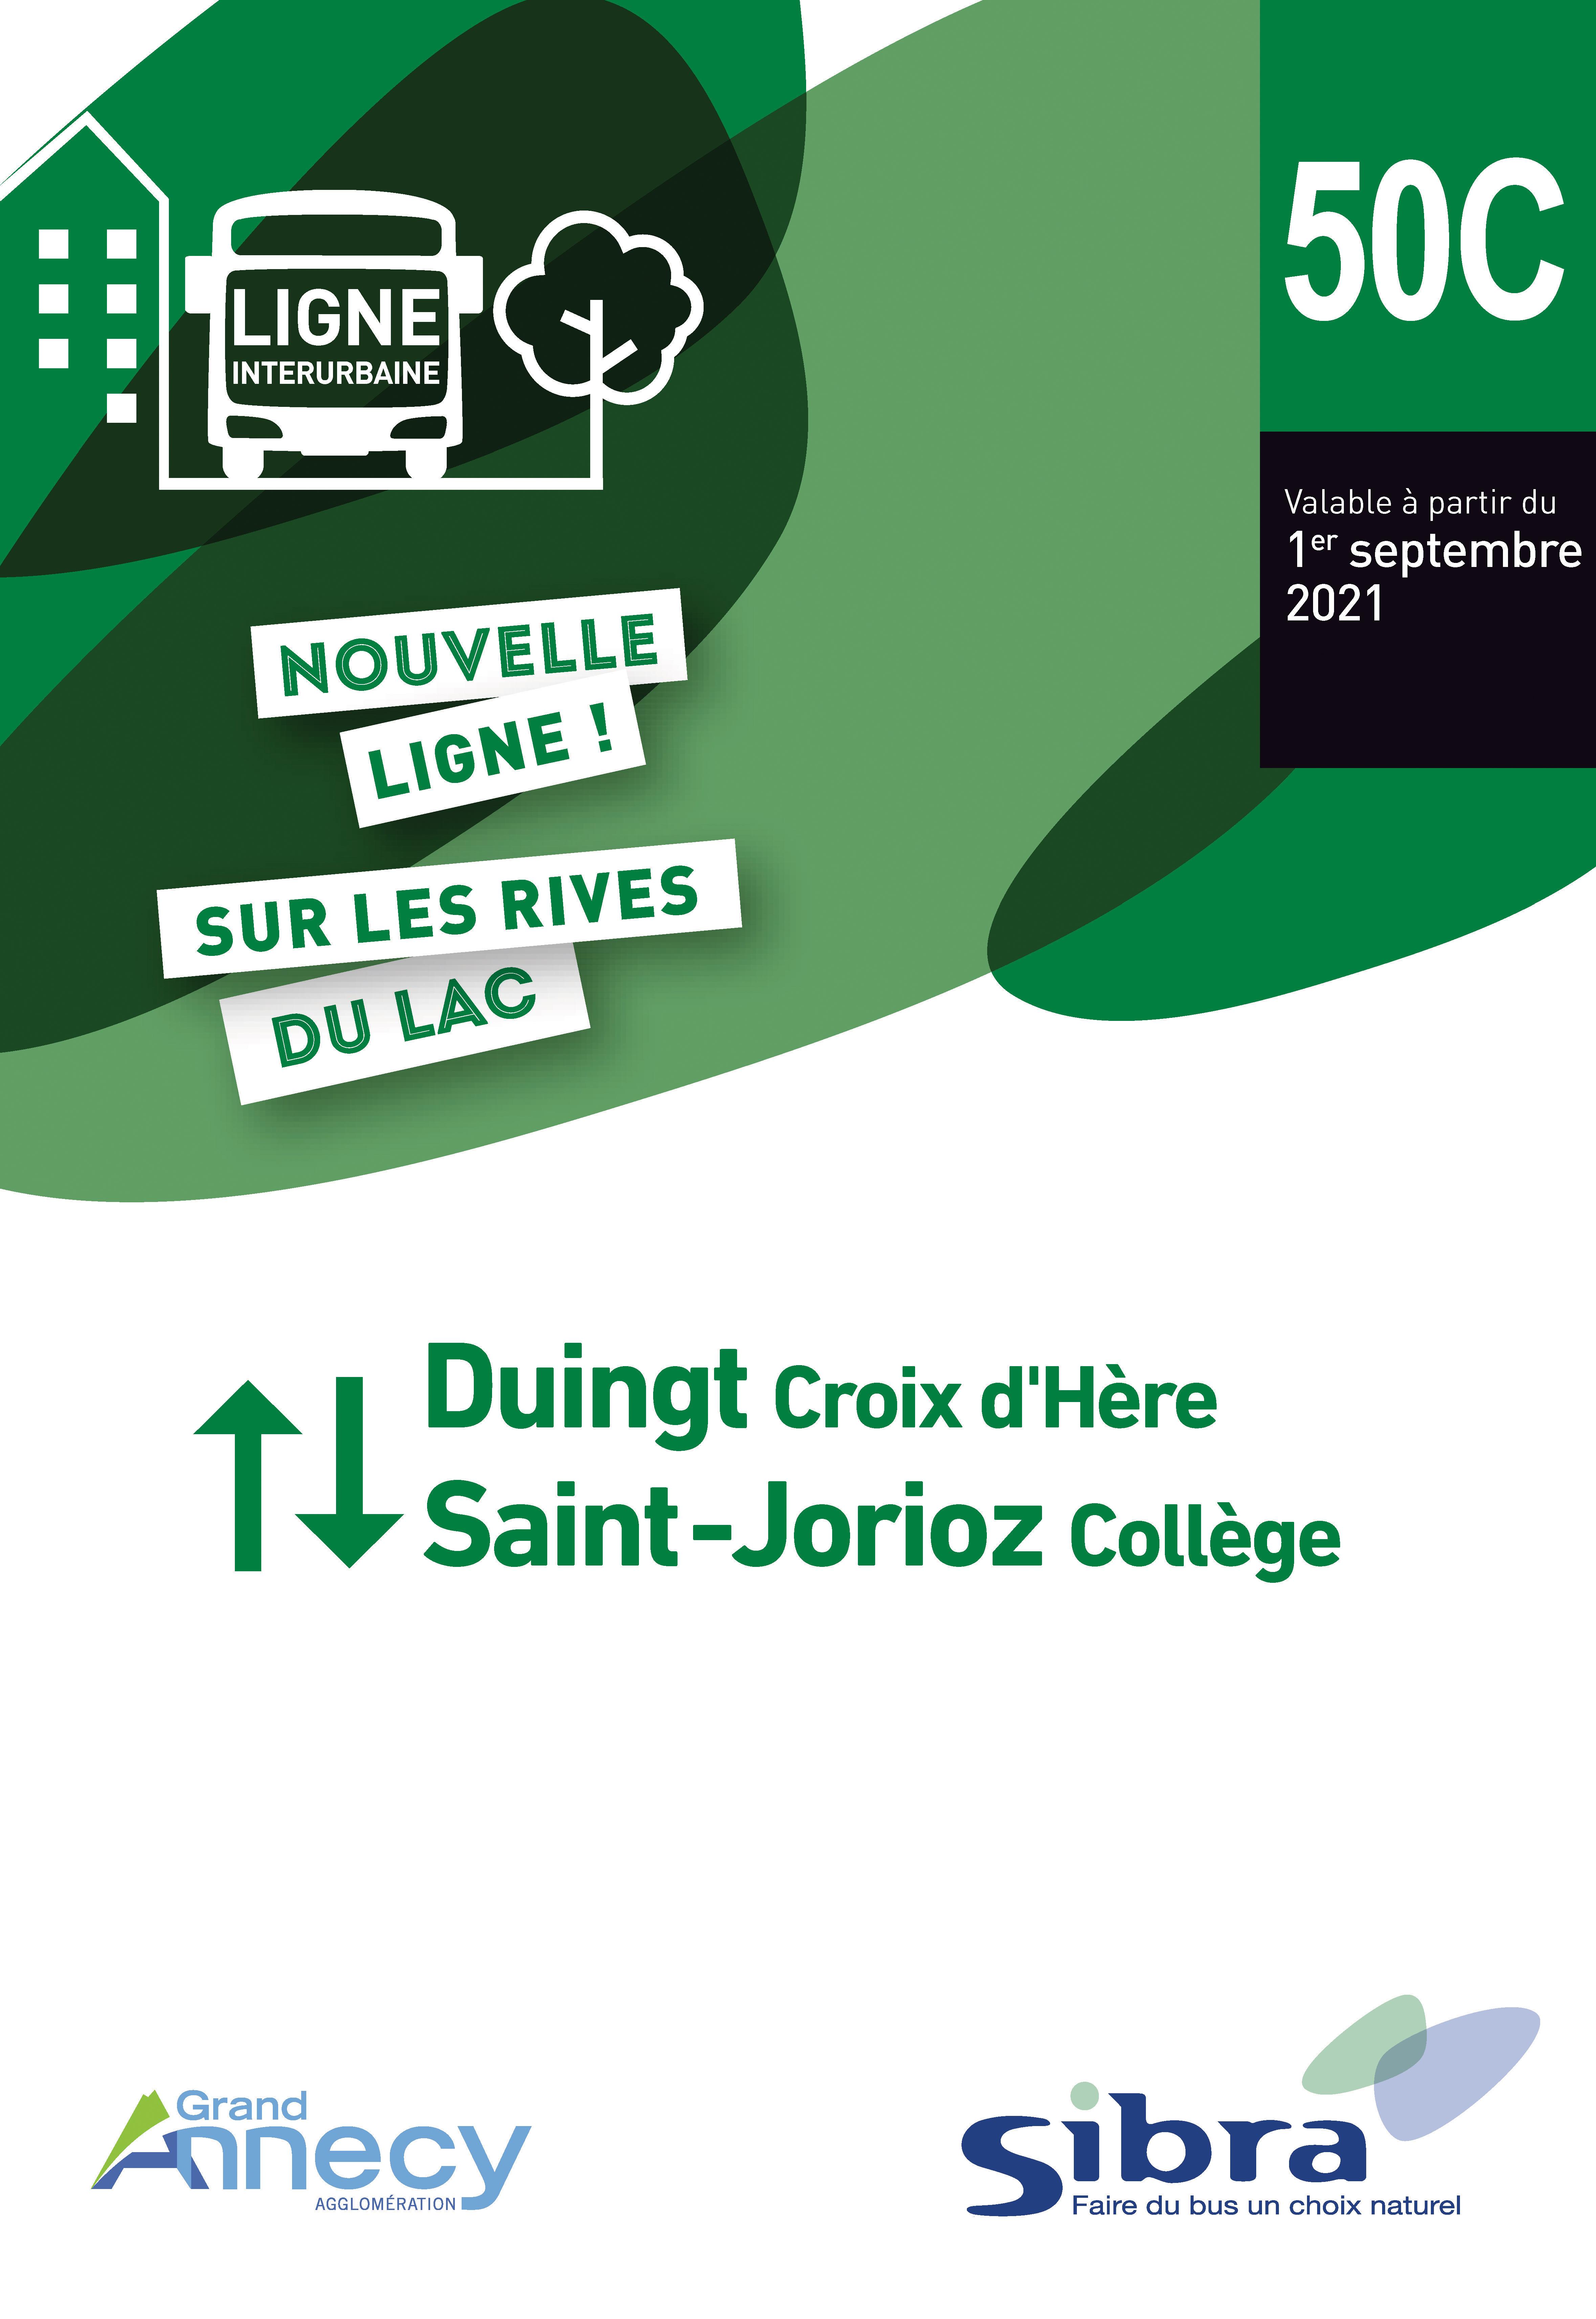 Couverture Fiche Horaire Ligne 50C - Août 2021